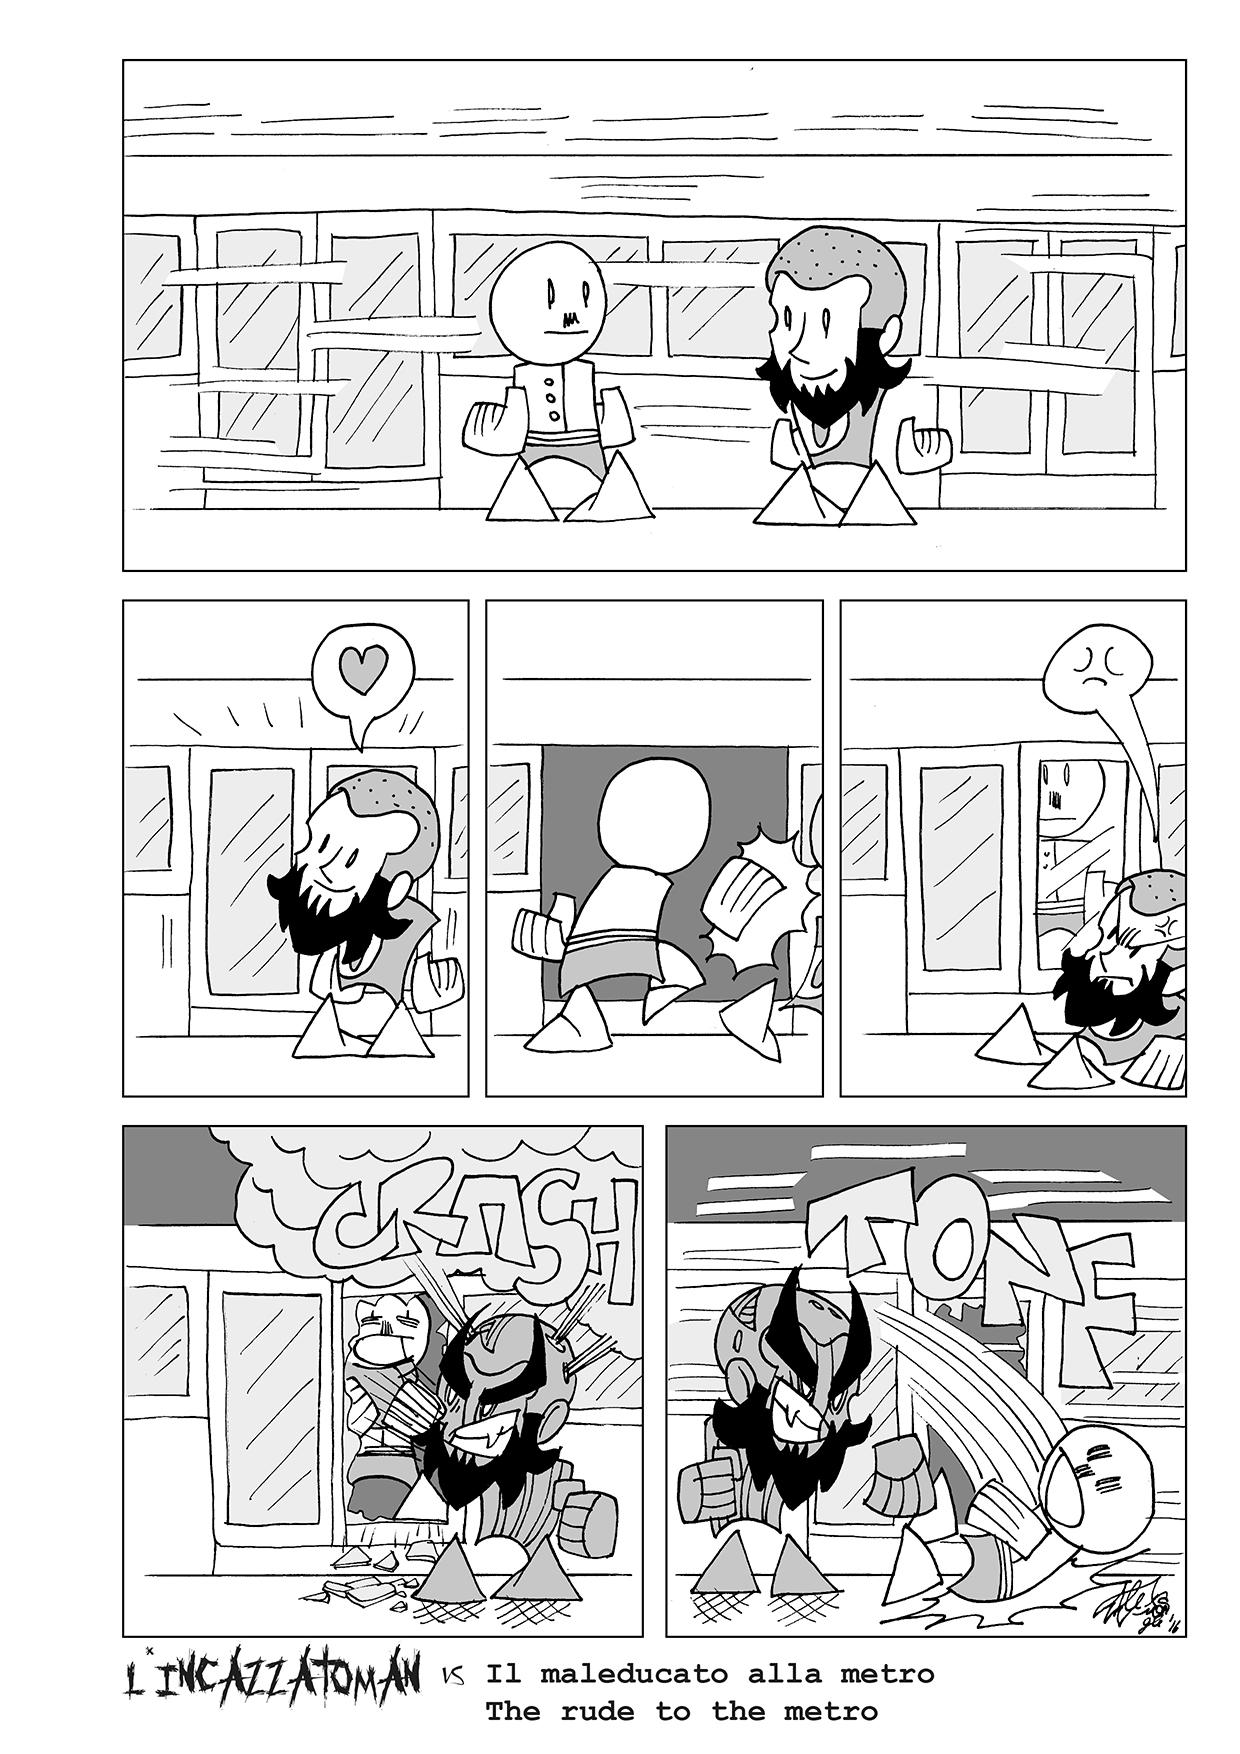 il maleducato alla metro, disegno di Alex Galbero